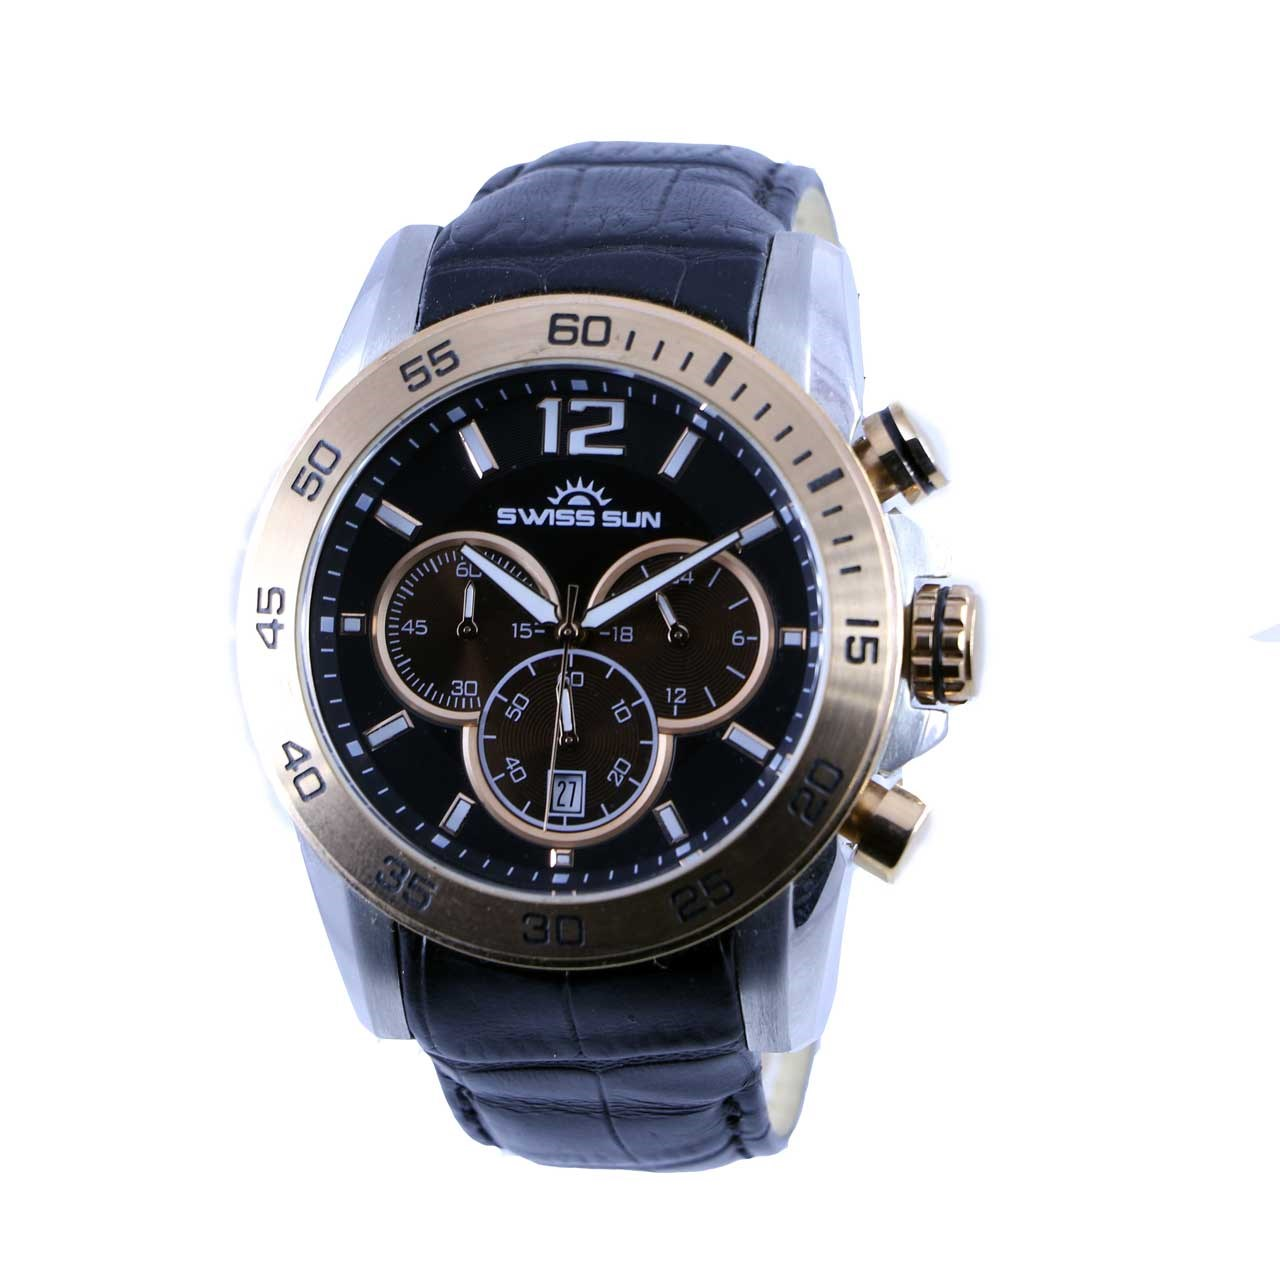 ساعت مچی عقربه ای مردانه سوئیس سان مدل g3282-g